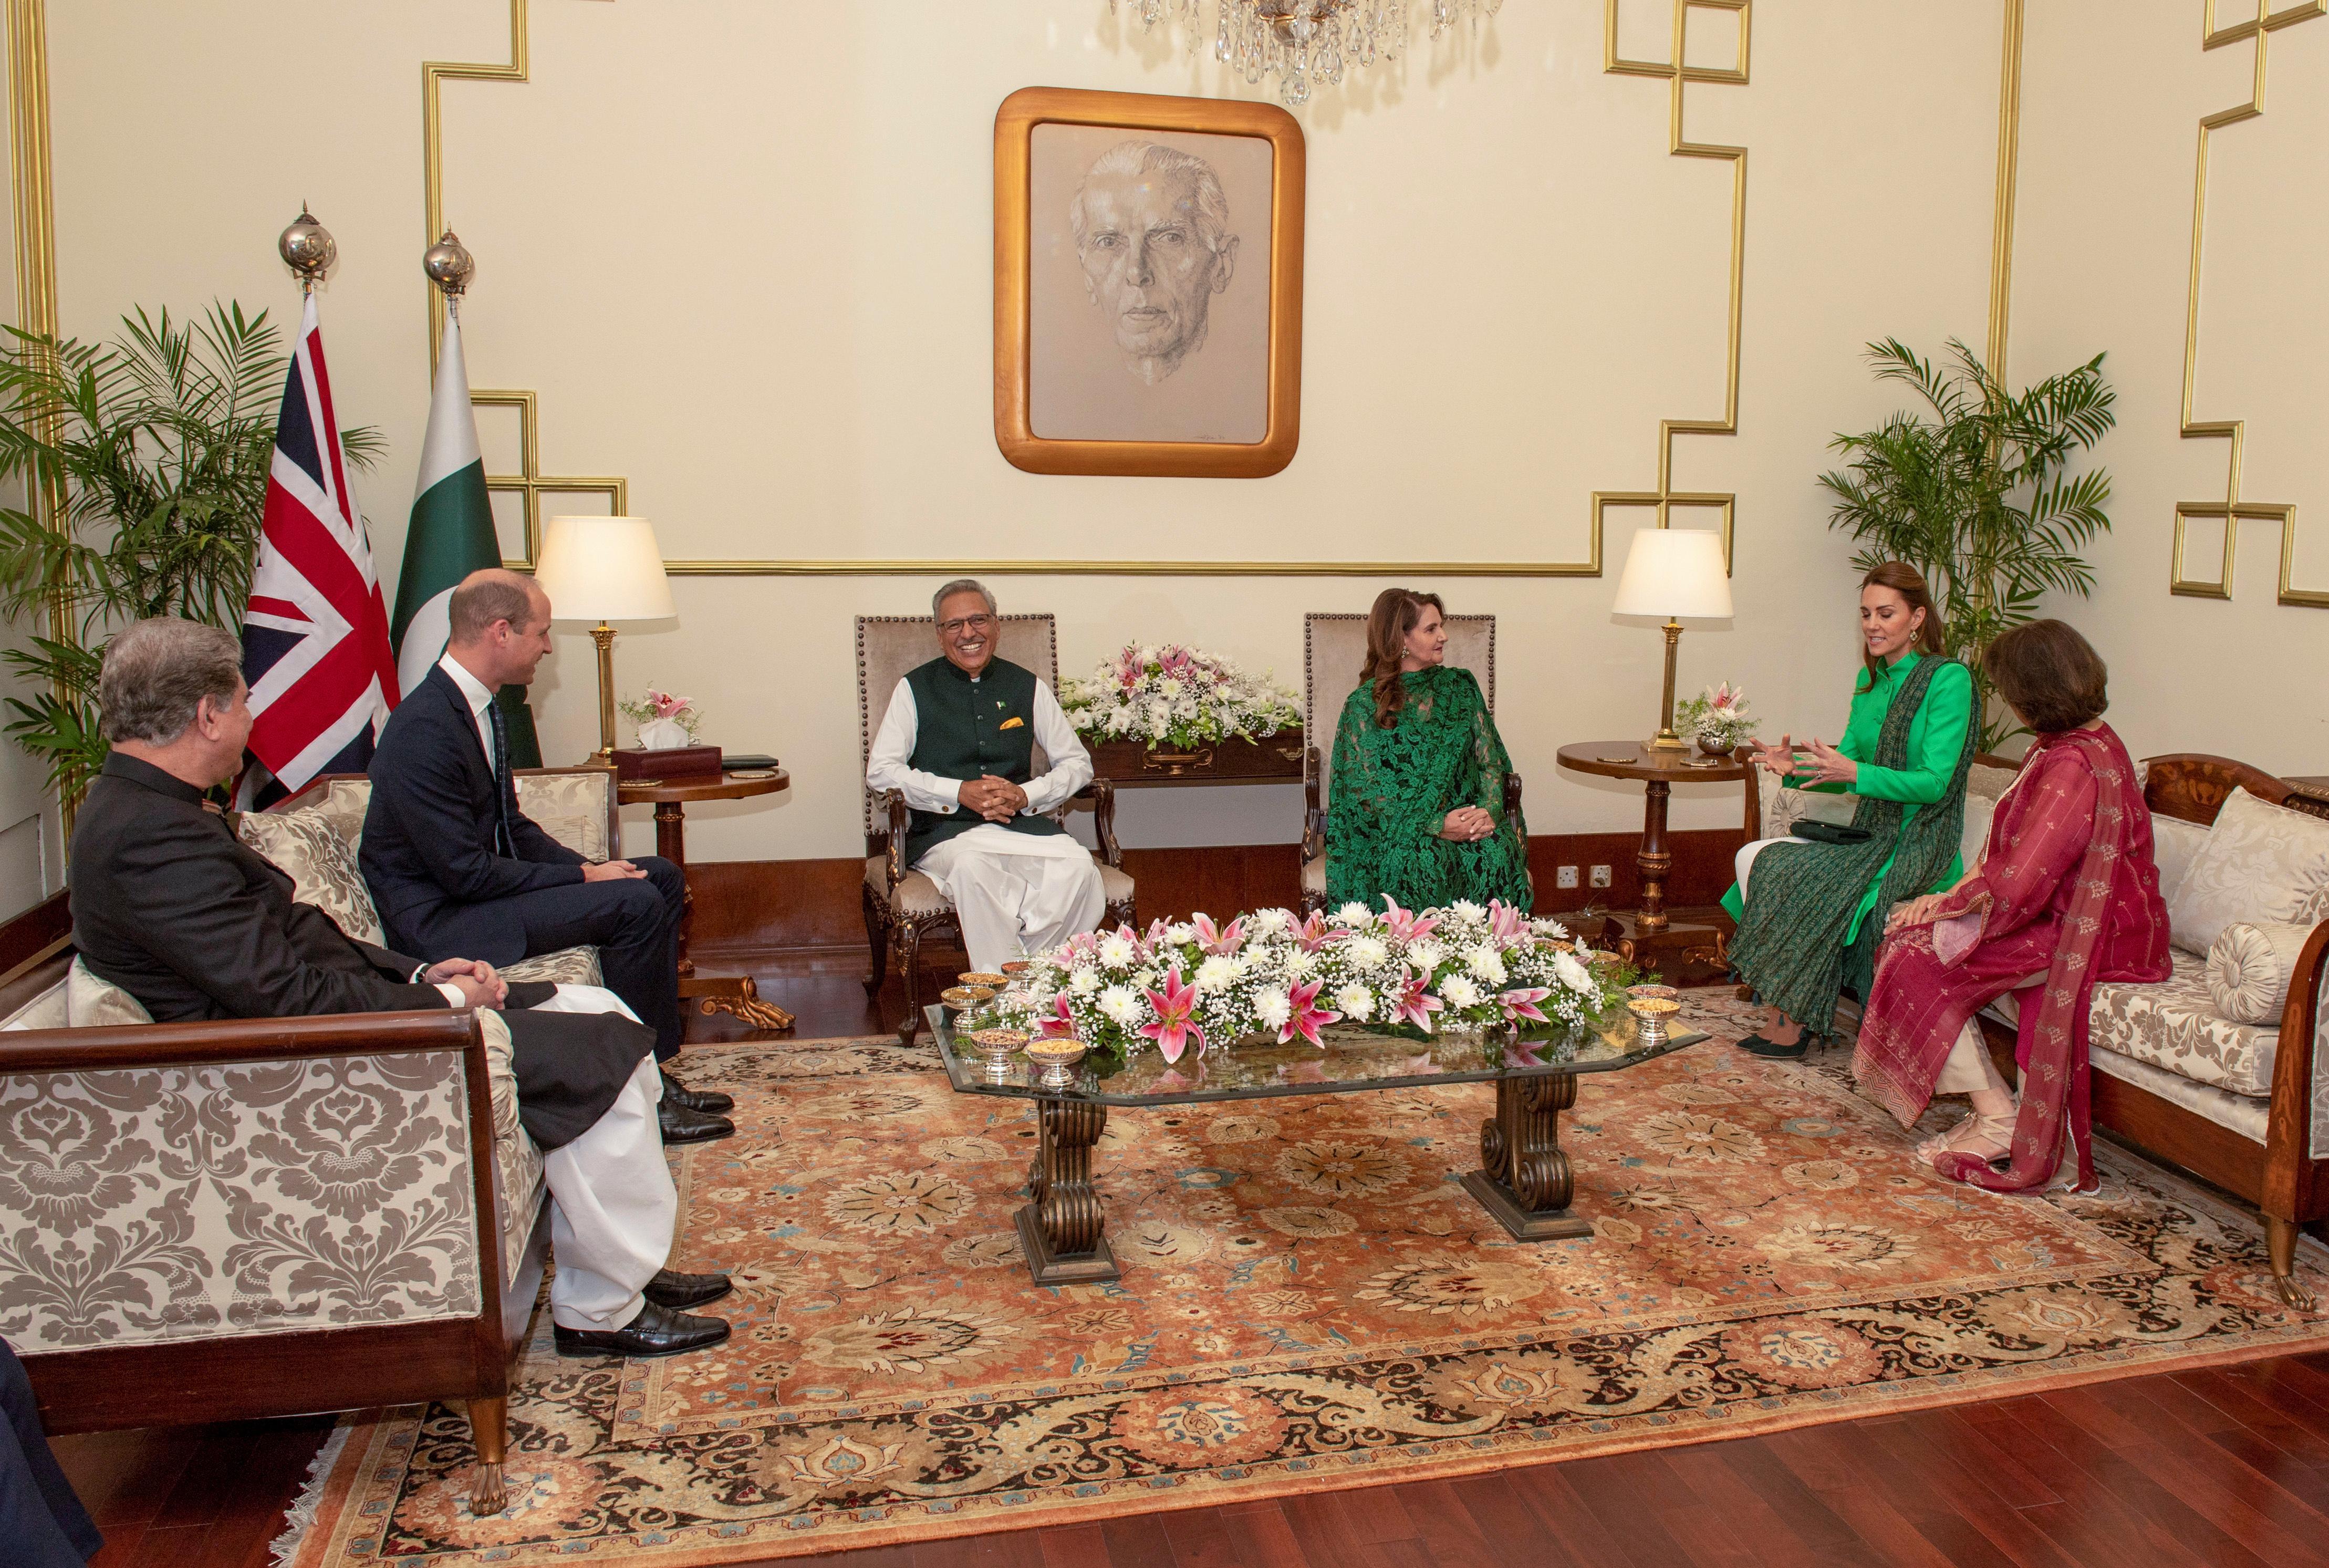 """Le prince William souligne les """"liens uniques"""" existant entre le Royaume-Uni et le Pakistan lors de sa visite avec sa femme Kate"""